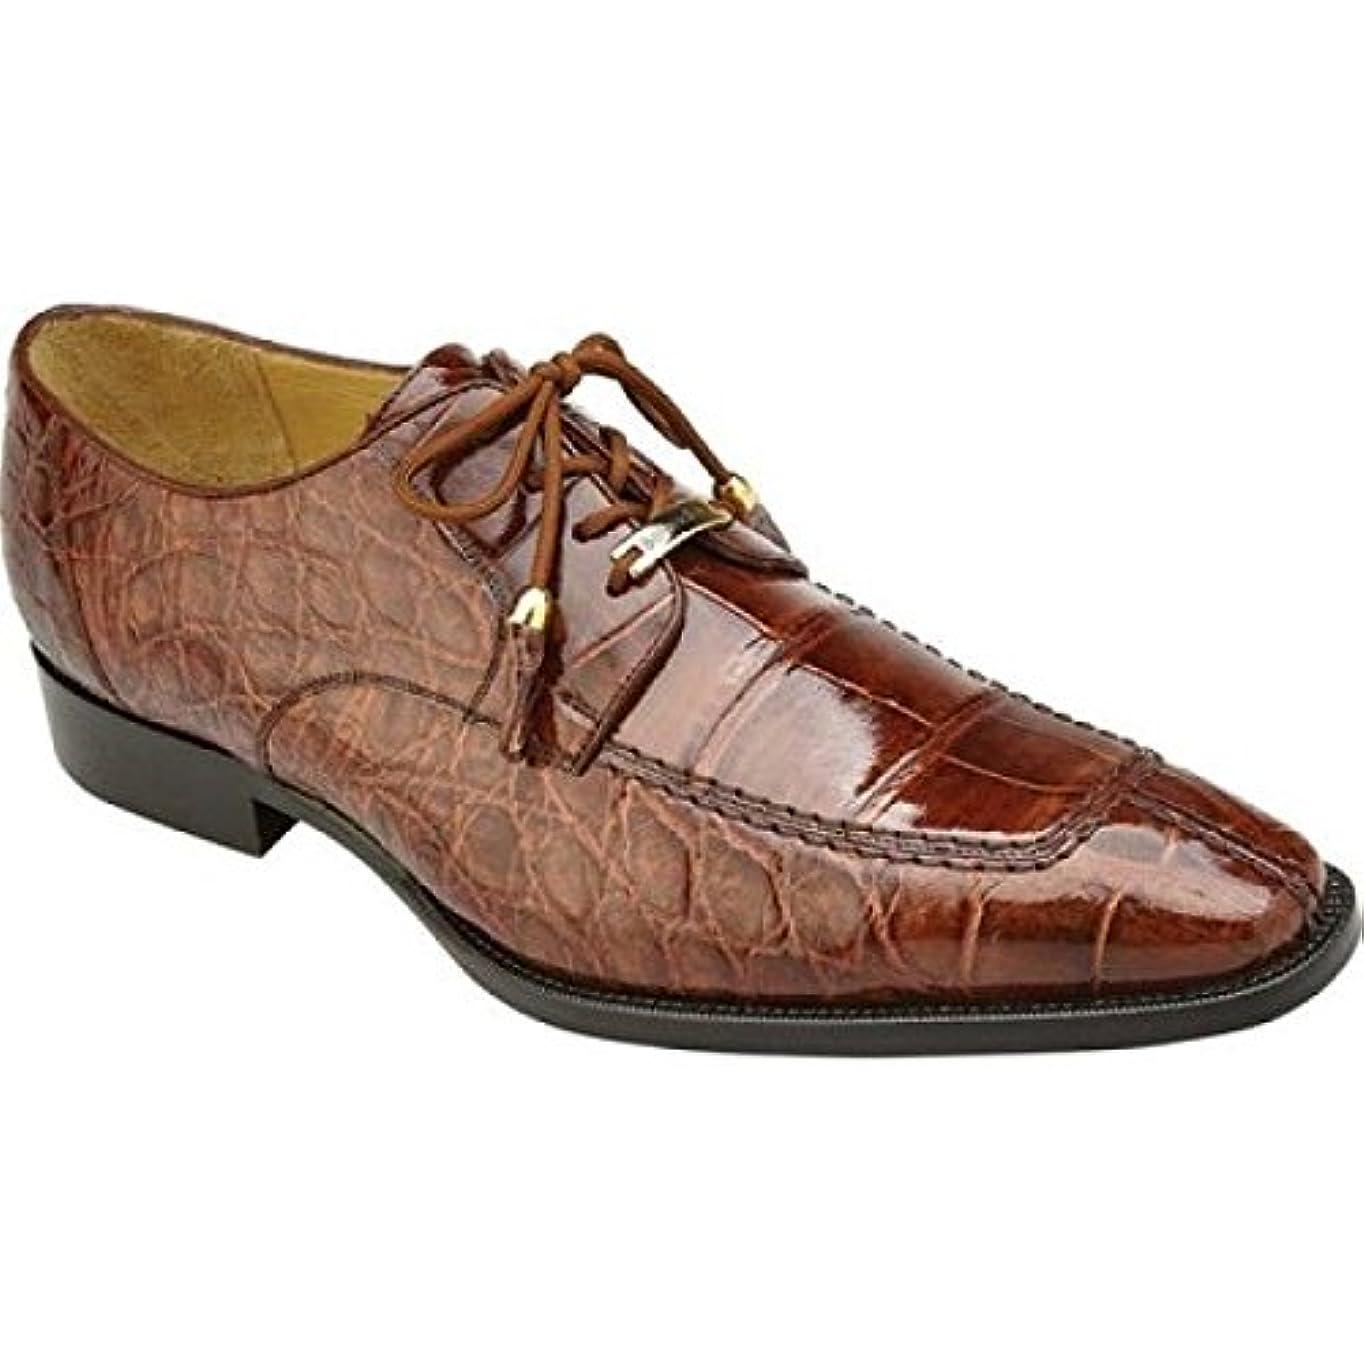 安定しました排泄するバケット(ベルヴェデール) Belvedere メンズ シューズ?靴 革靴?ビジネスシューズ Lorenzo Split Toe Derby [並行輸入品]